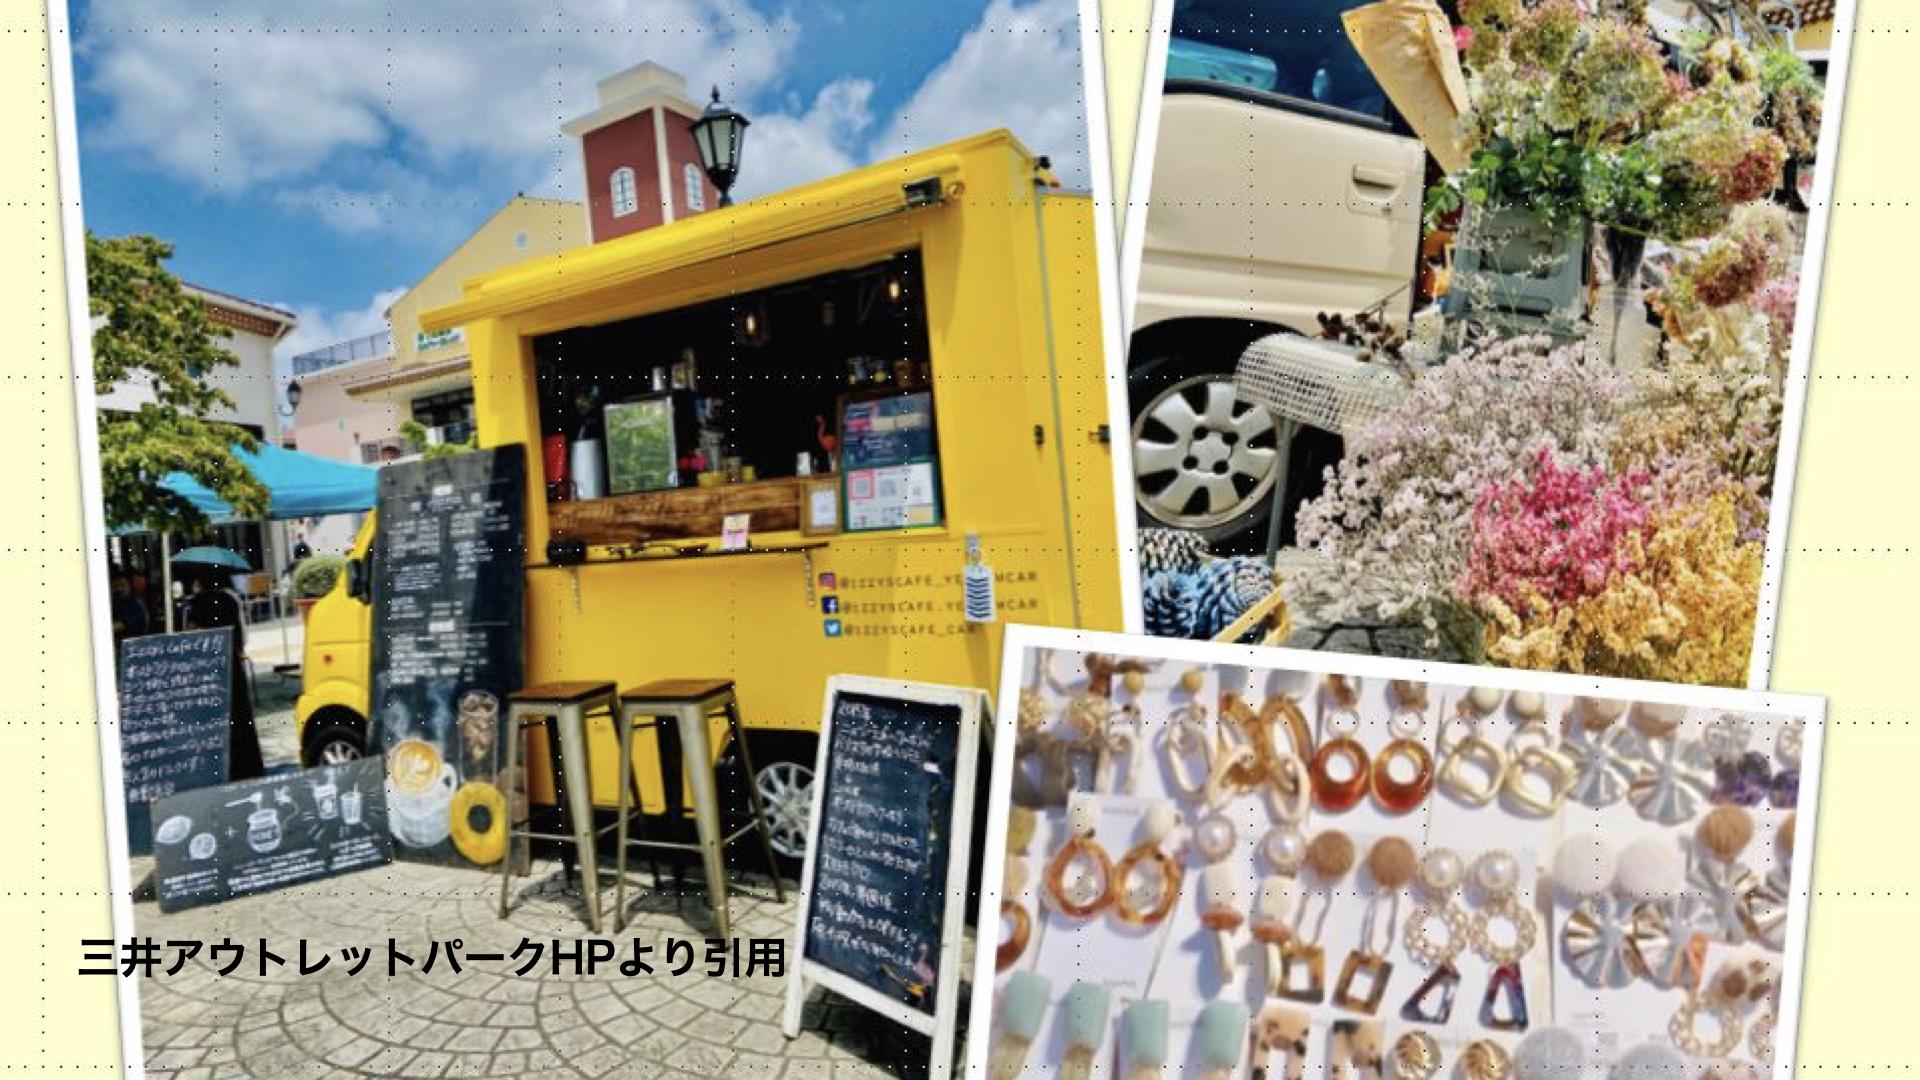 ハンドメイドマーケット。三井アウトレットパーク多摩南大沢